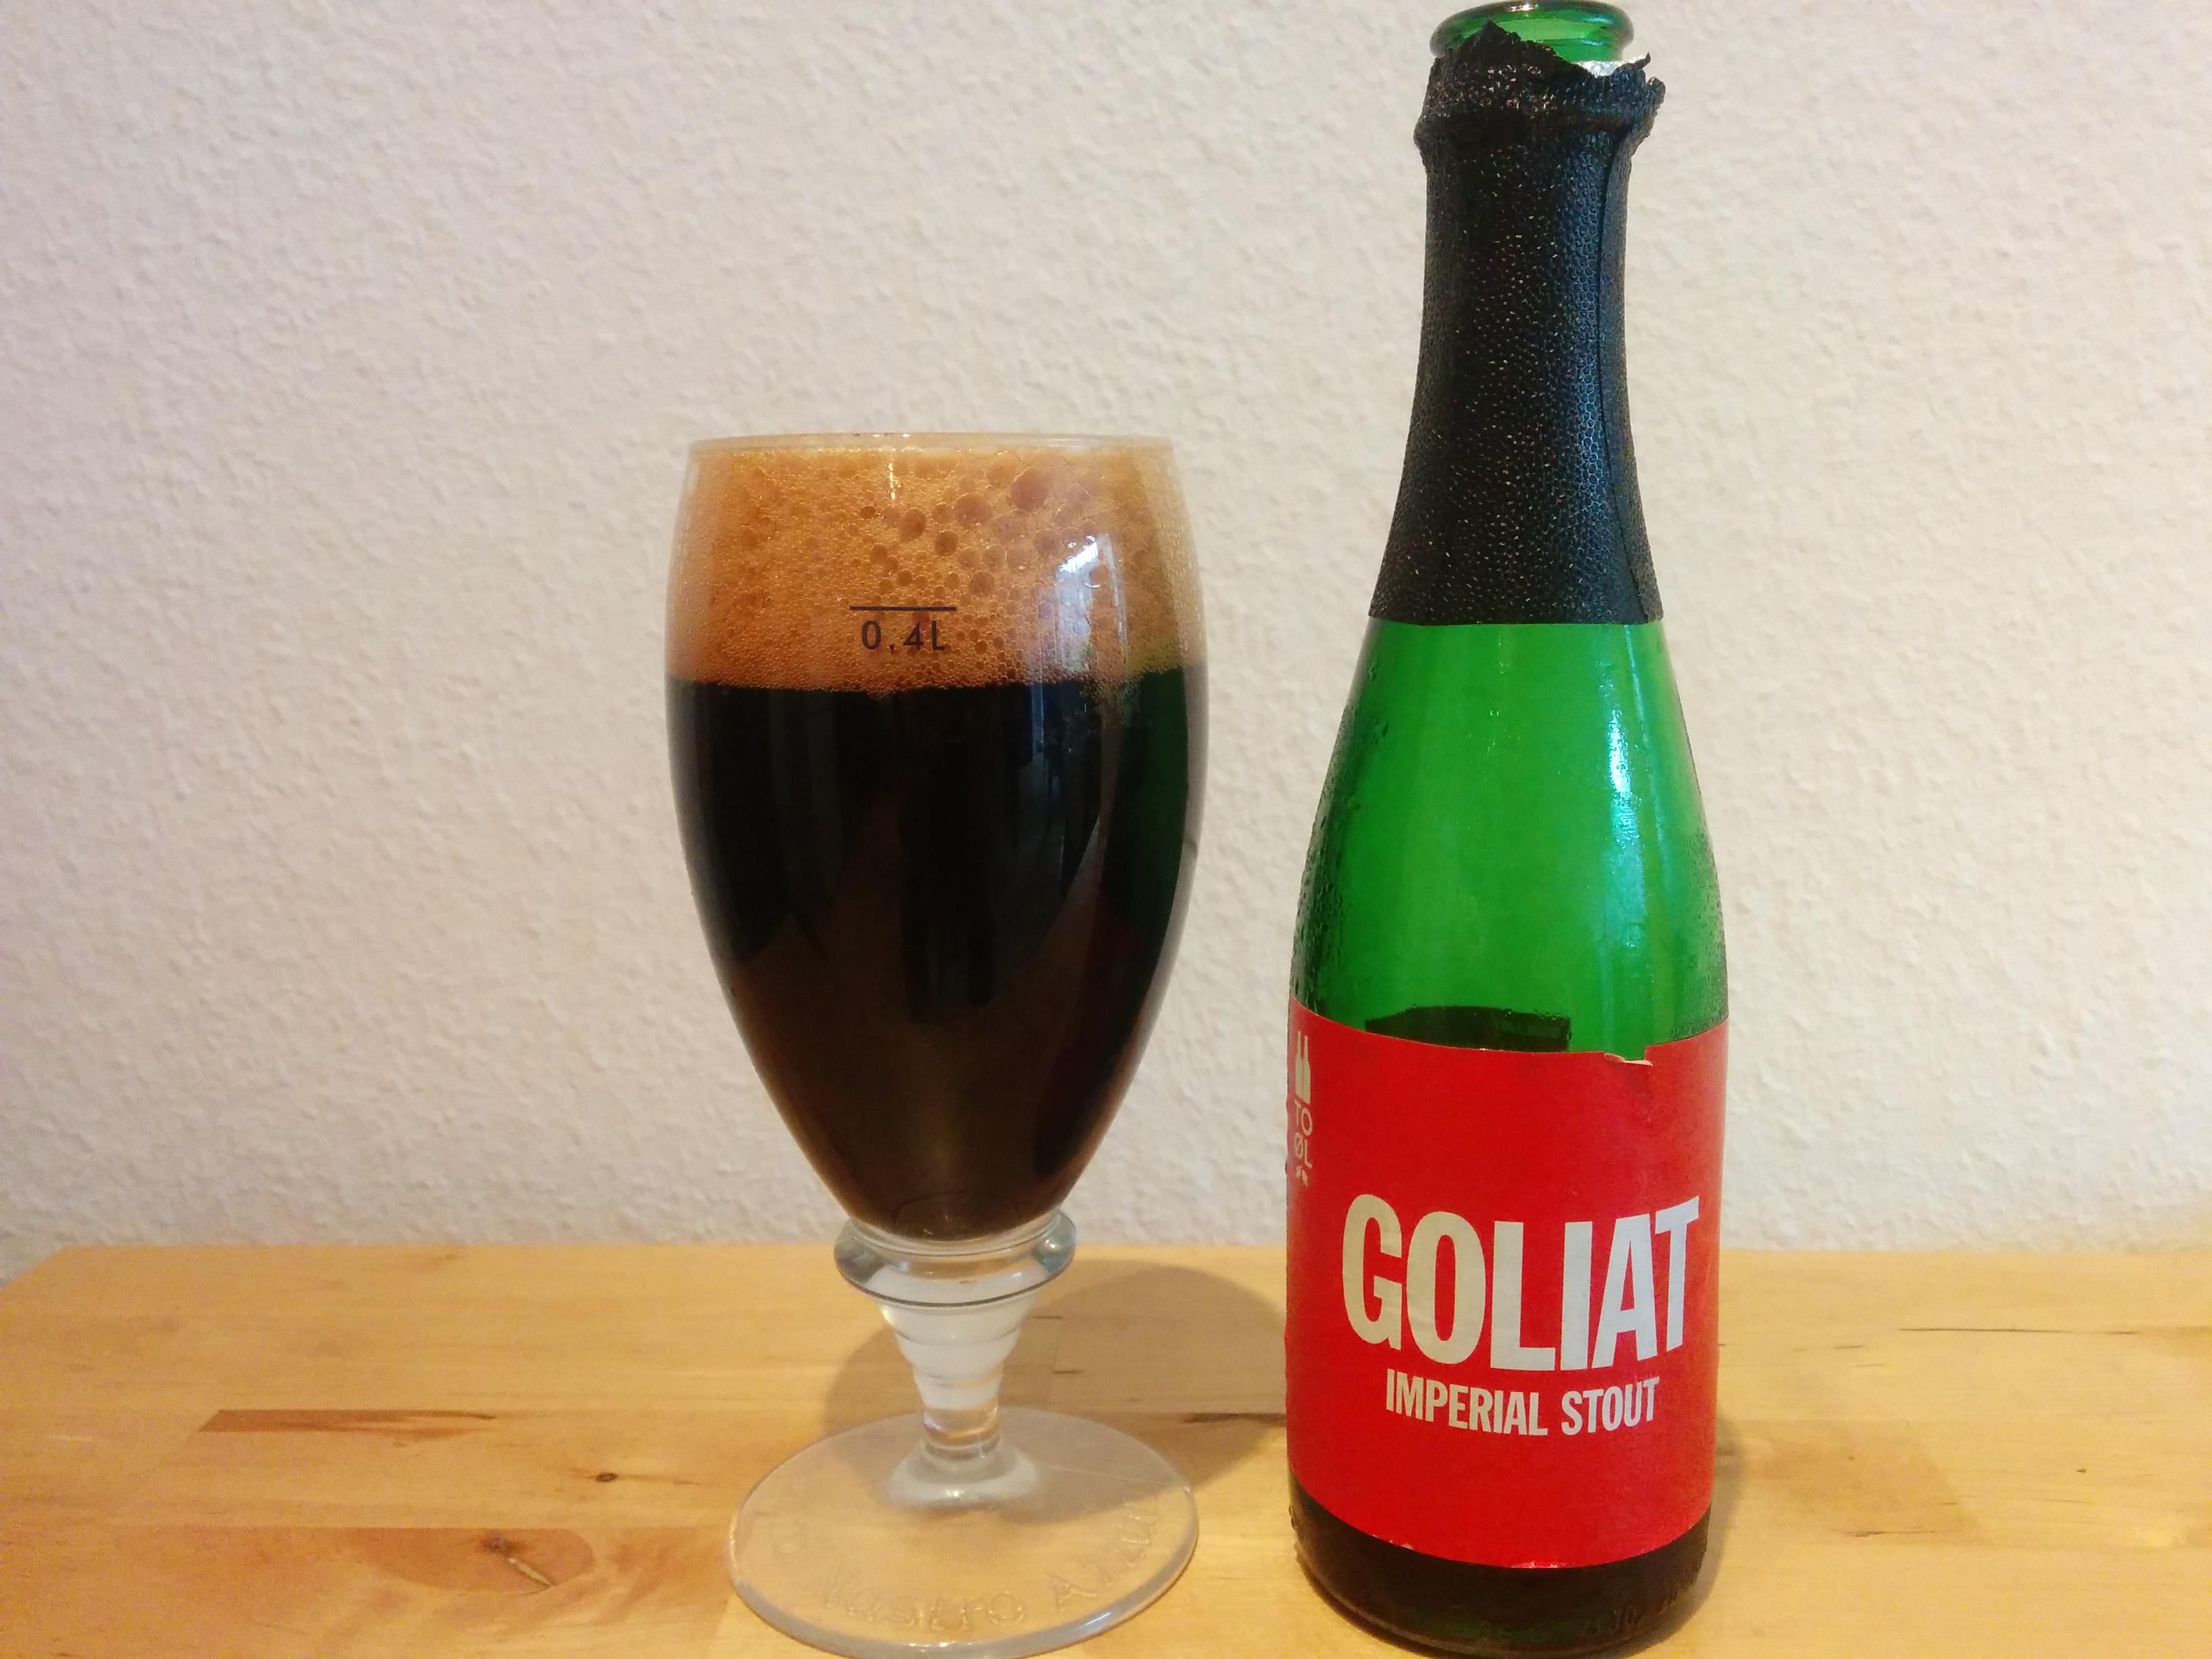 To Øl Goliat - I glas og flaske